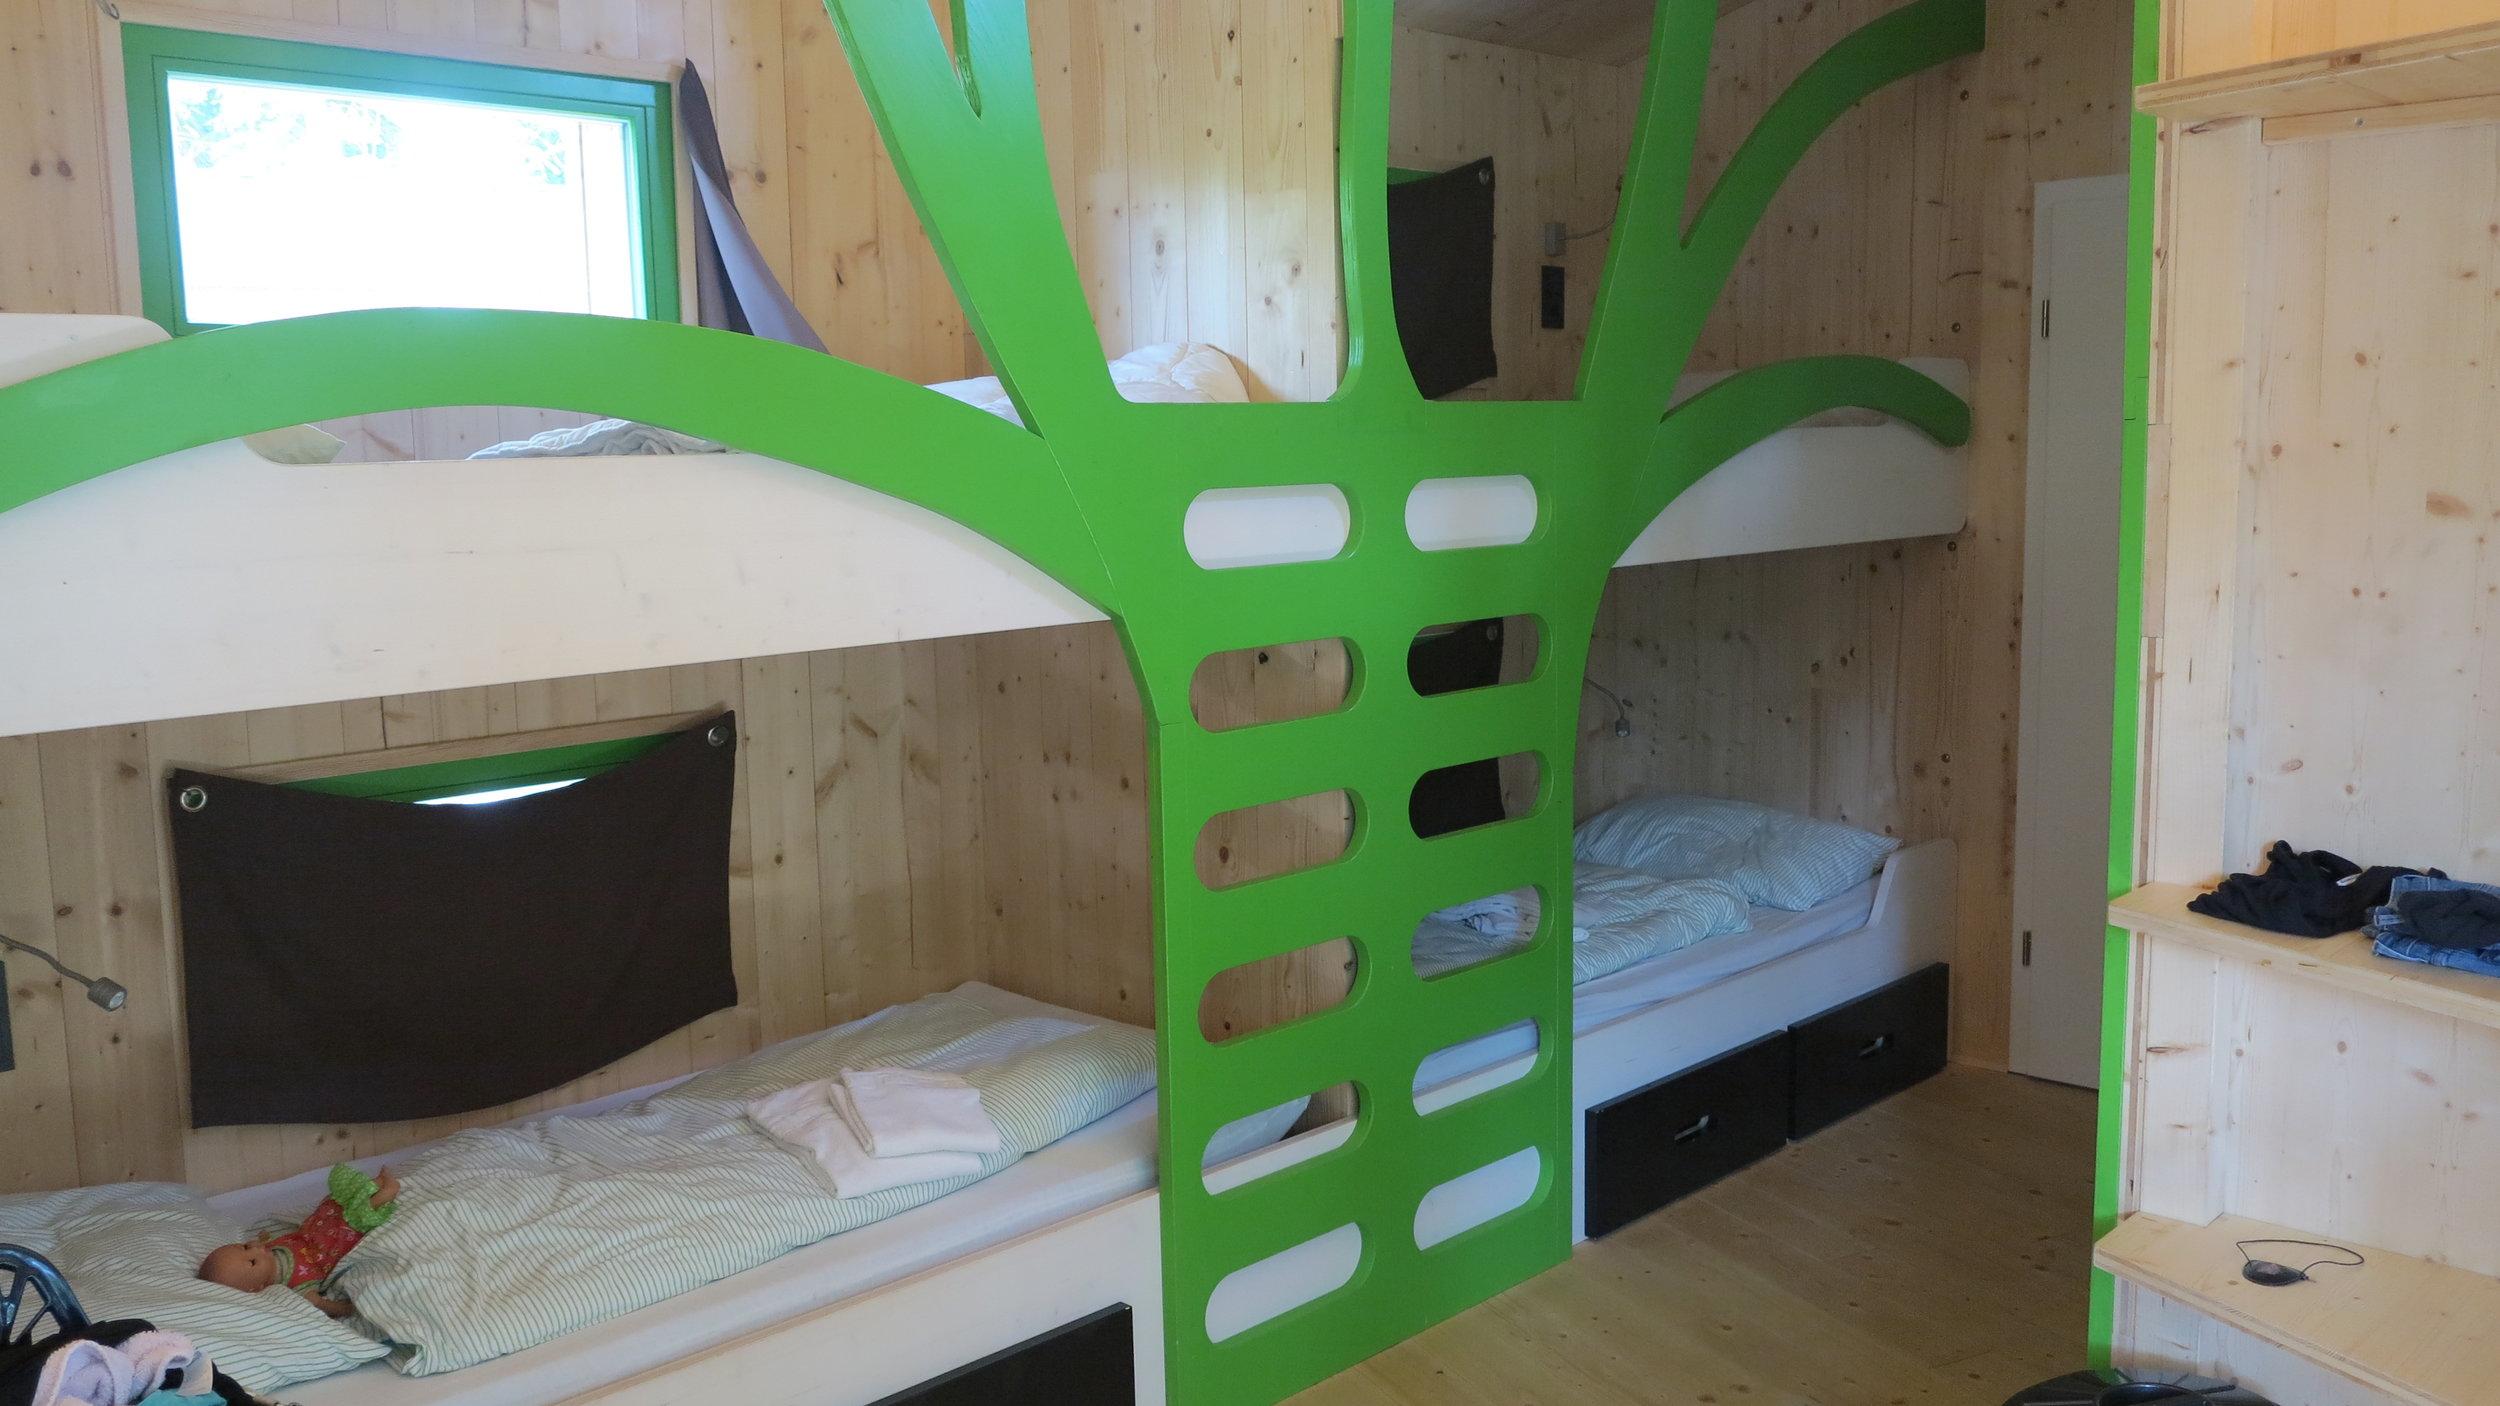 Baumhaus im Baumhaus: Die Hochbetten geben einem das Gefühl, mitten in den Bäumen zu schlafen